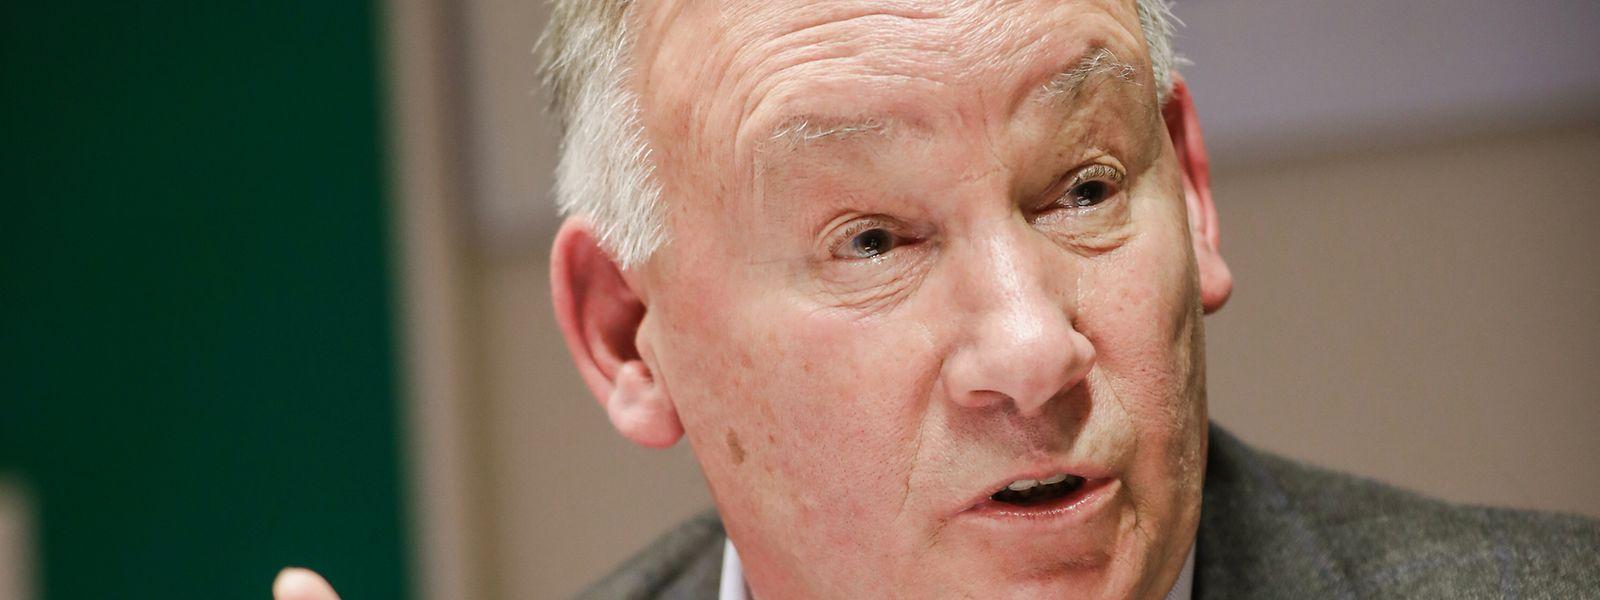 Nico Hoffmann a de nouveau critiqué la lourdeur des frais bancaires et appelle le gouvernement à préserver le paiement en cash.